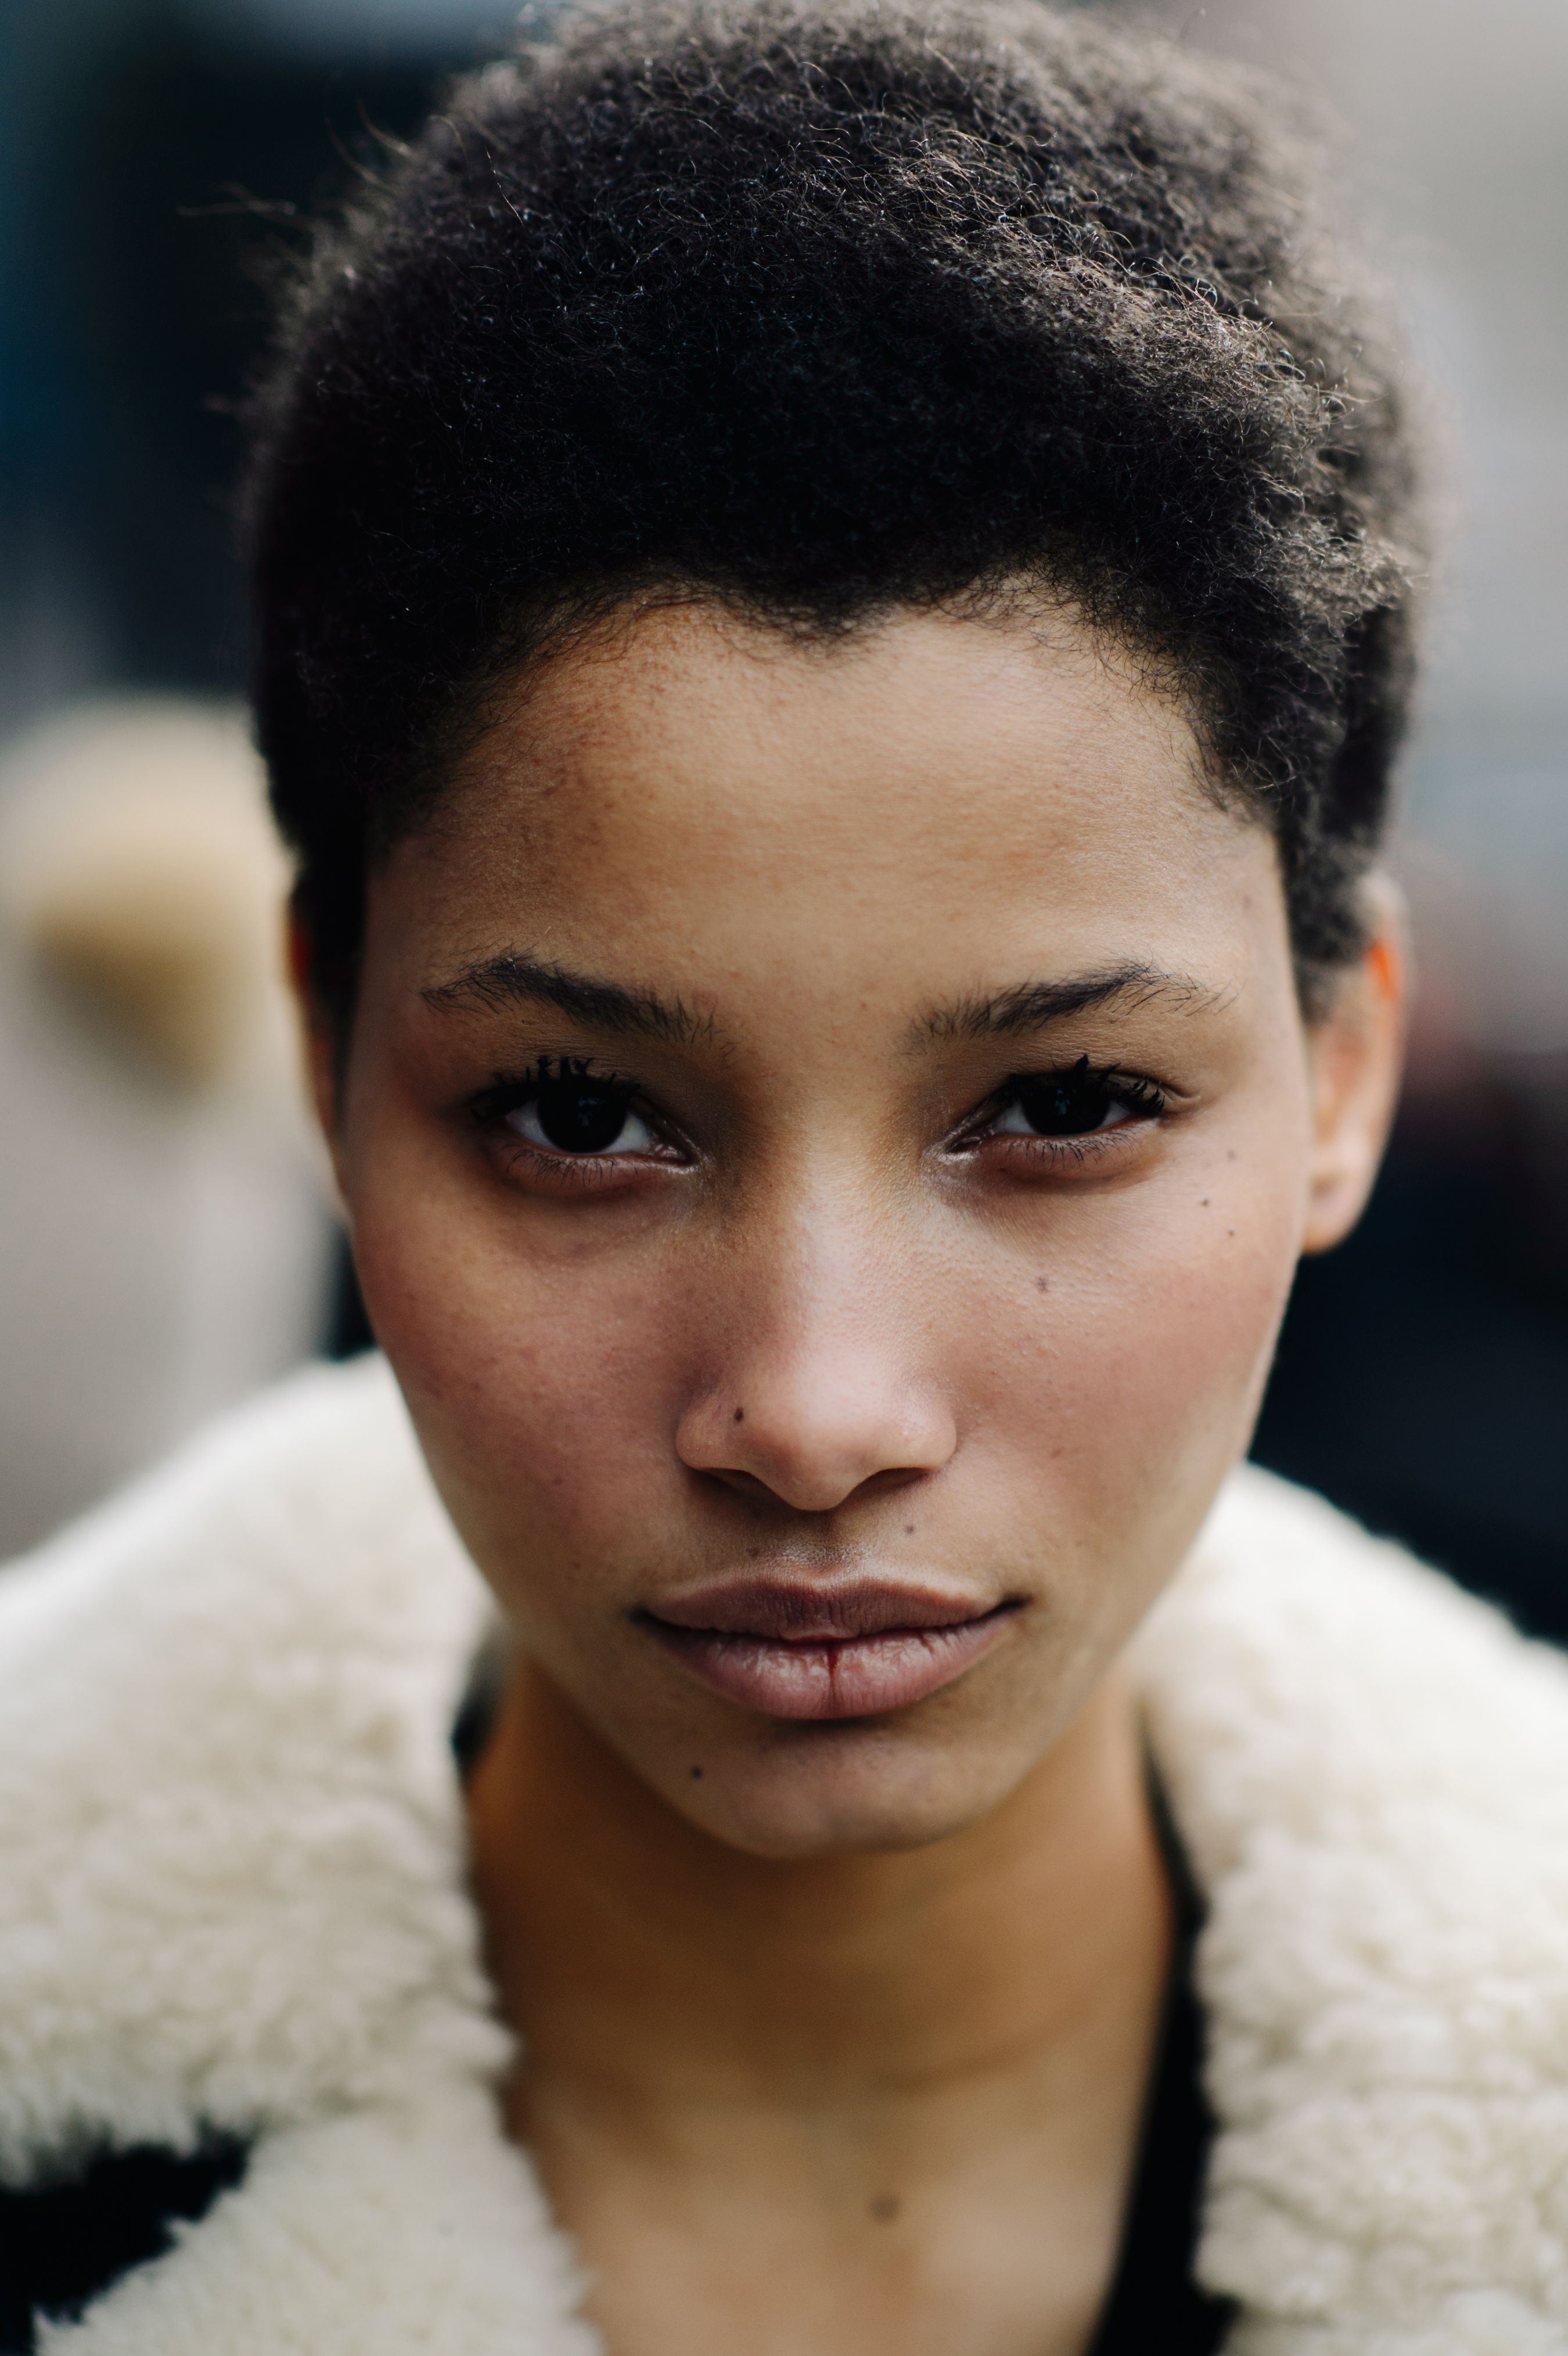 Le 21eme Lineisy Montero Feliz New York City Girl With Brown Hair Light Brown Hair Light Brown Skin